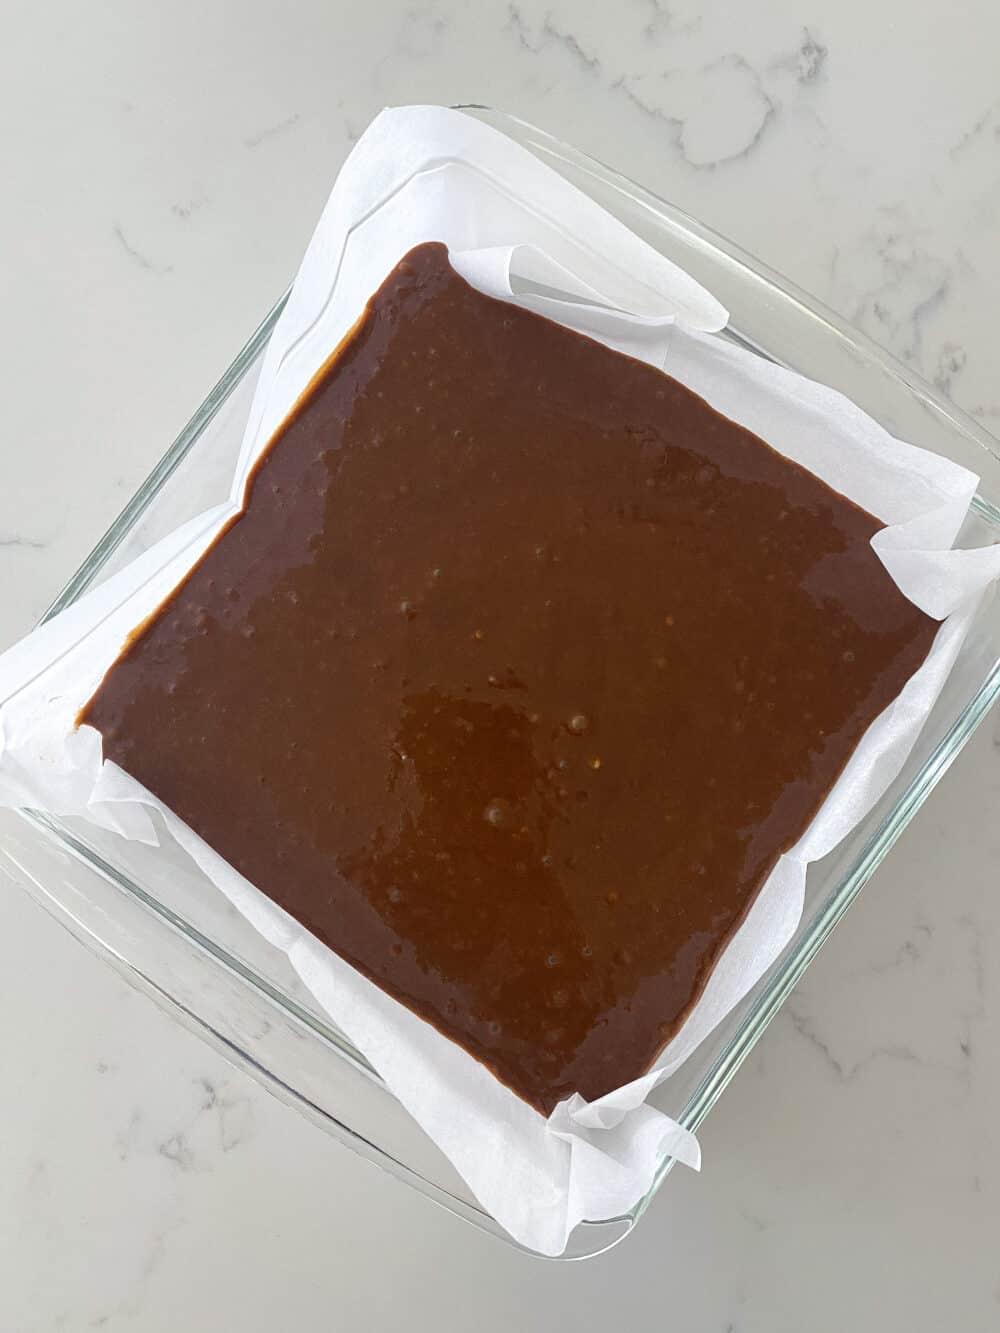 transferring gingerbread cake batter to baking dish